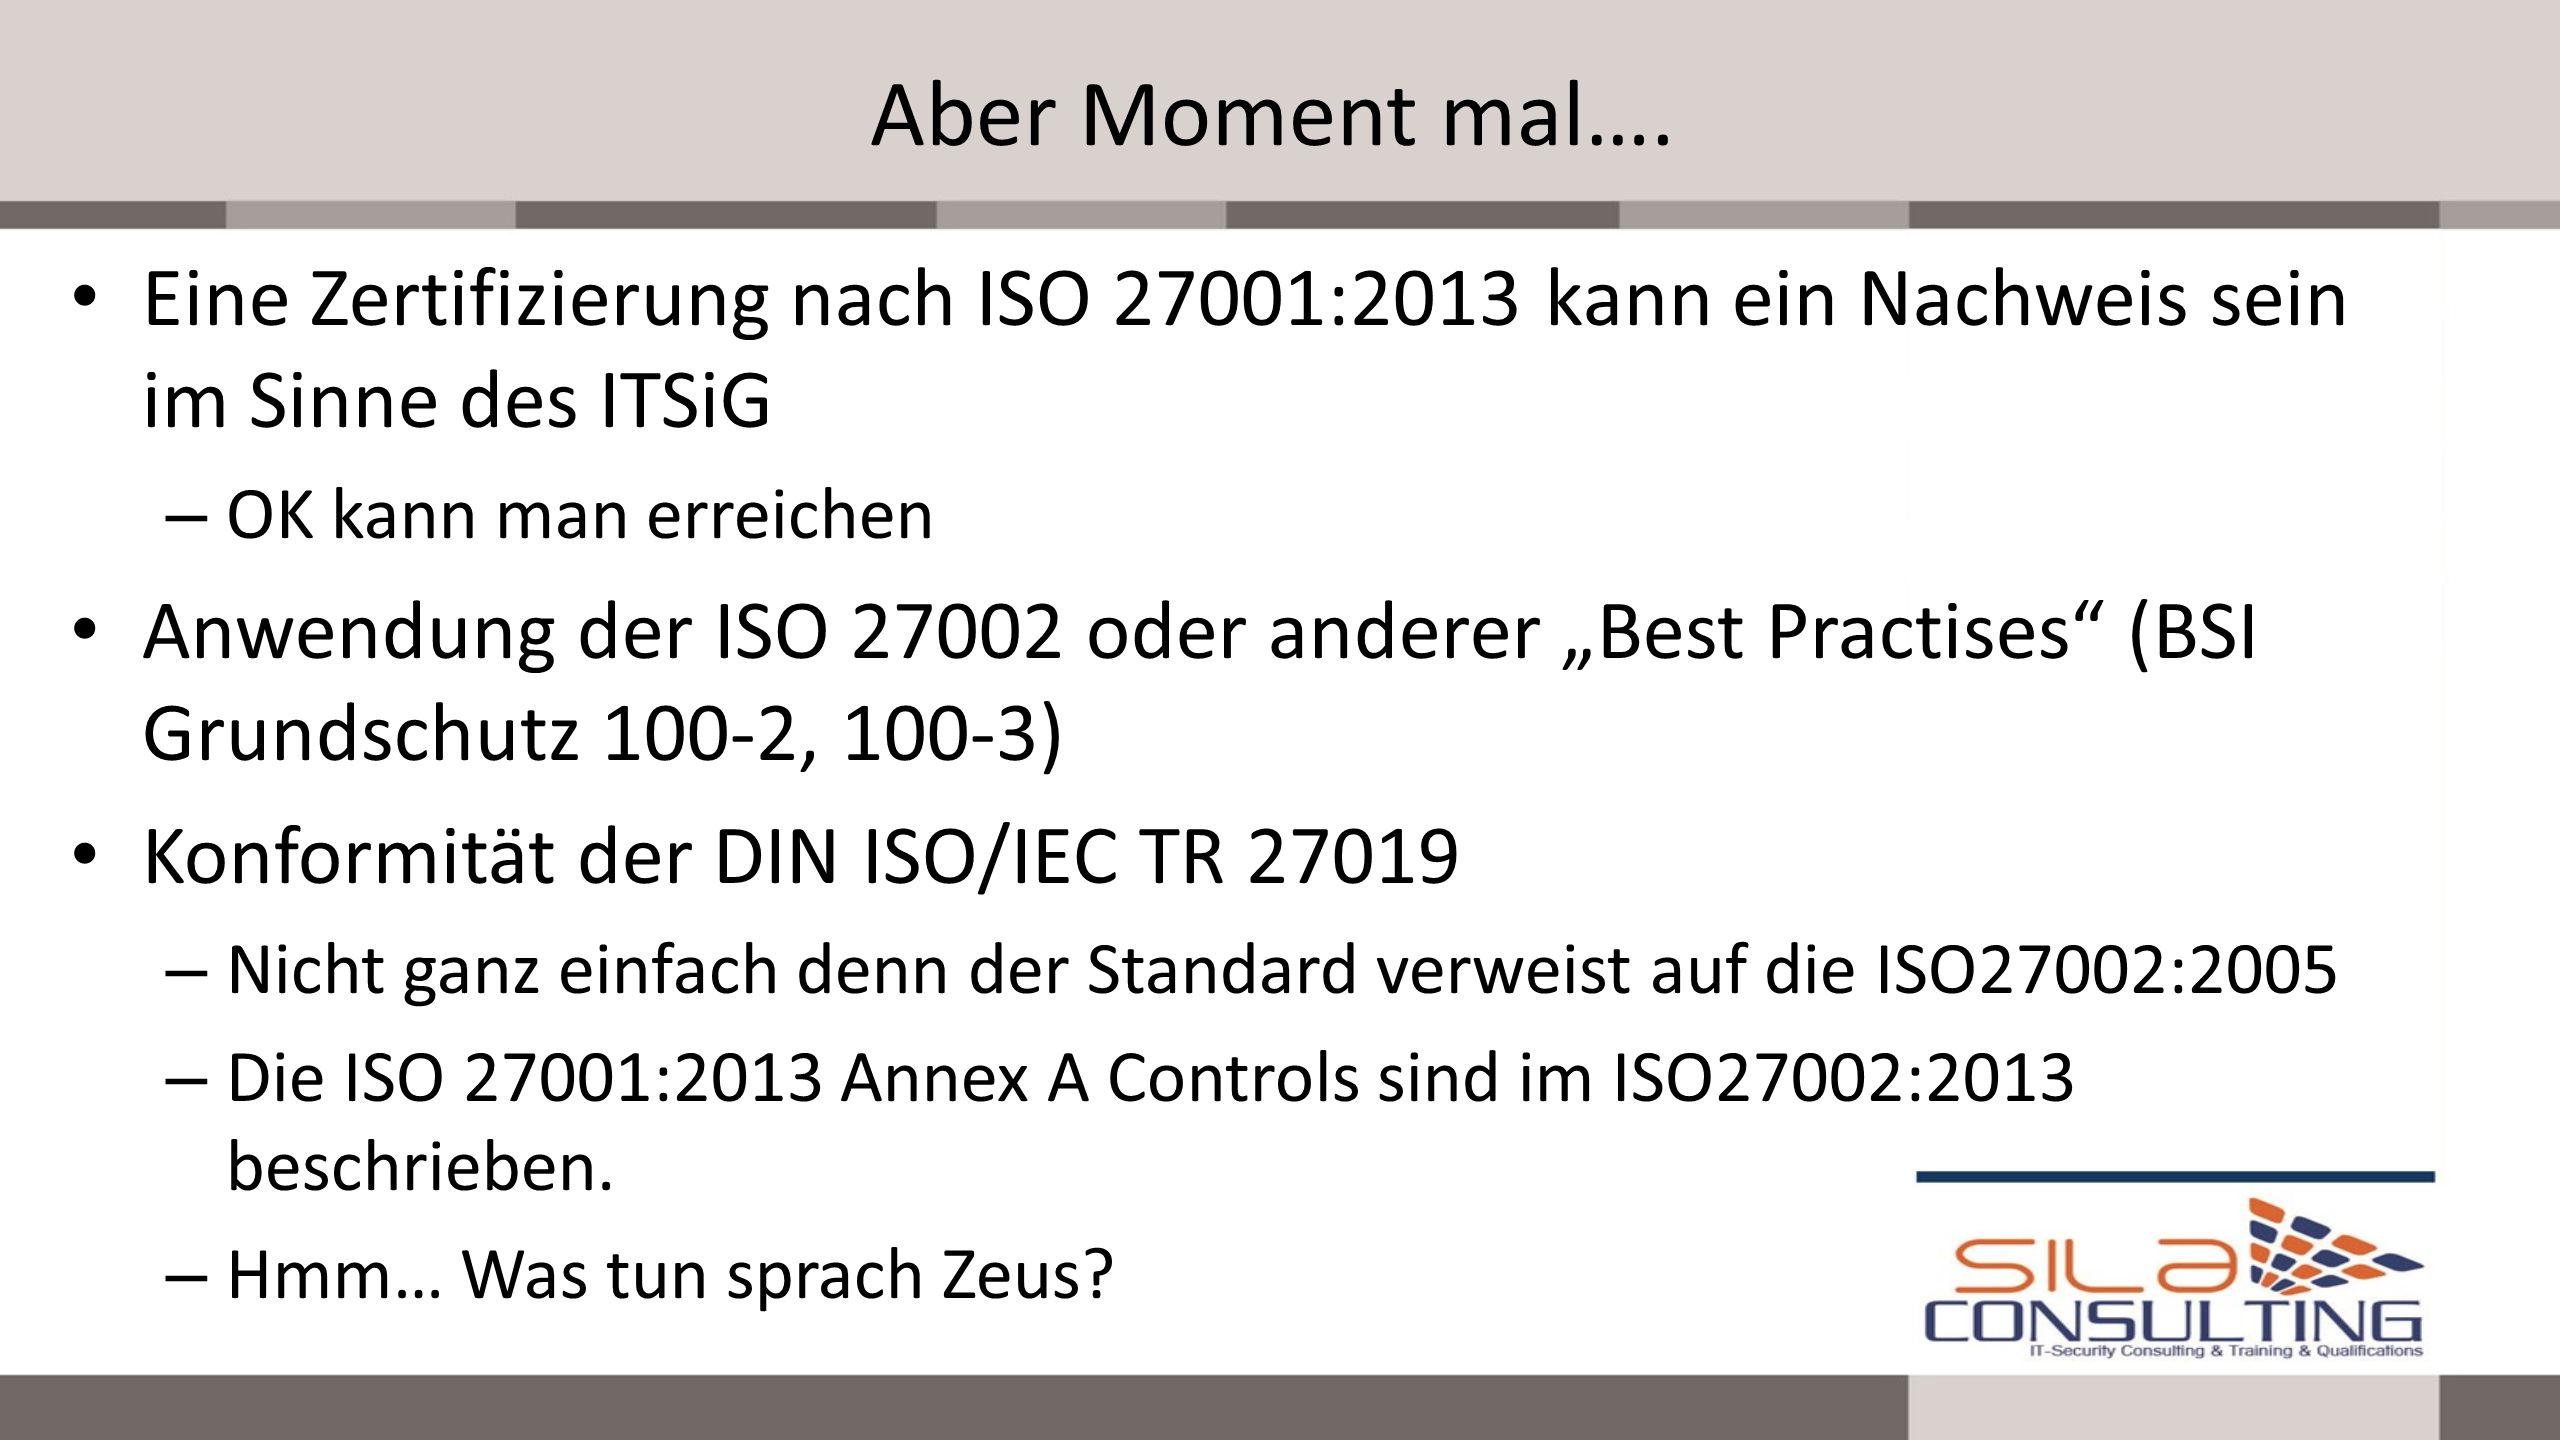 Aber Moment mal…. Eine Zertifizierung nach ISO 27001:2013 kann ein Nachweis sein im Sinne des ITSiG.